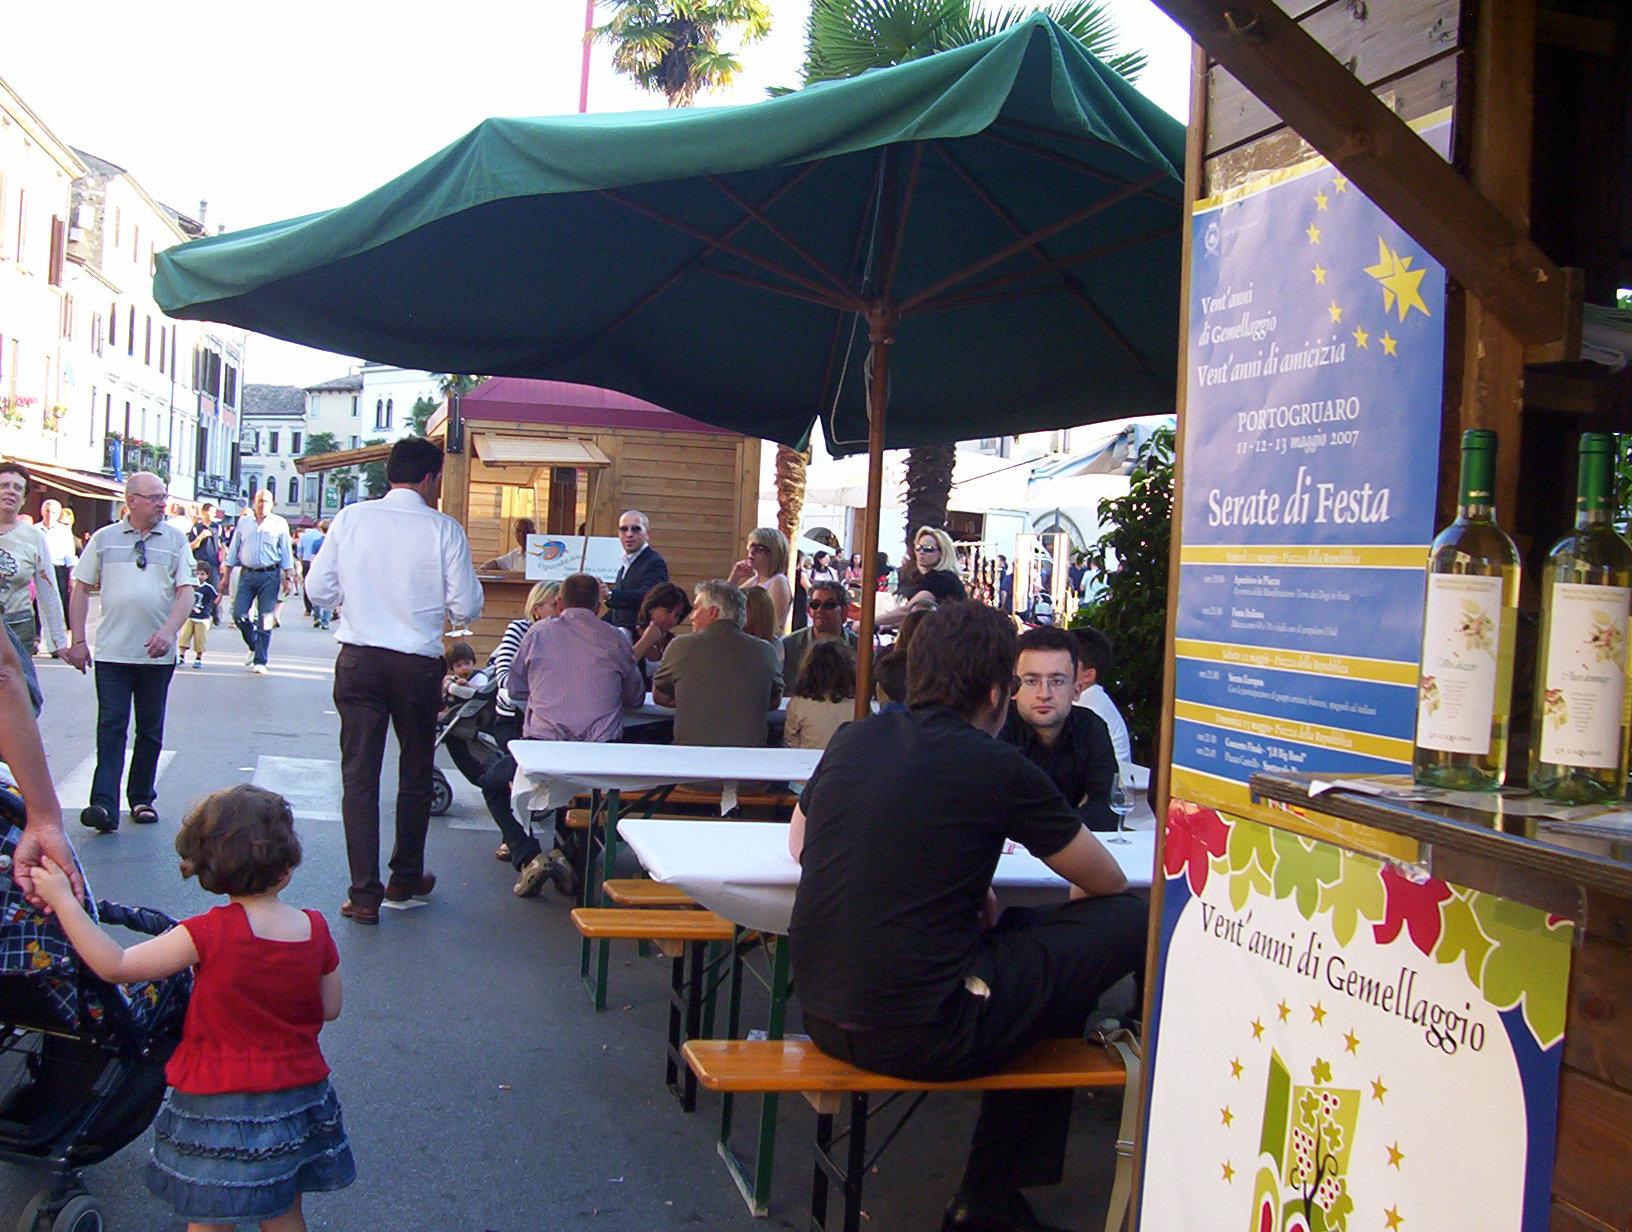 Su e giù per le vie del centro storico di Portogruaro...